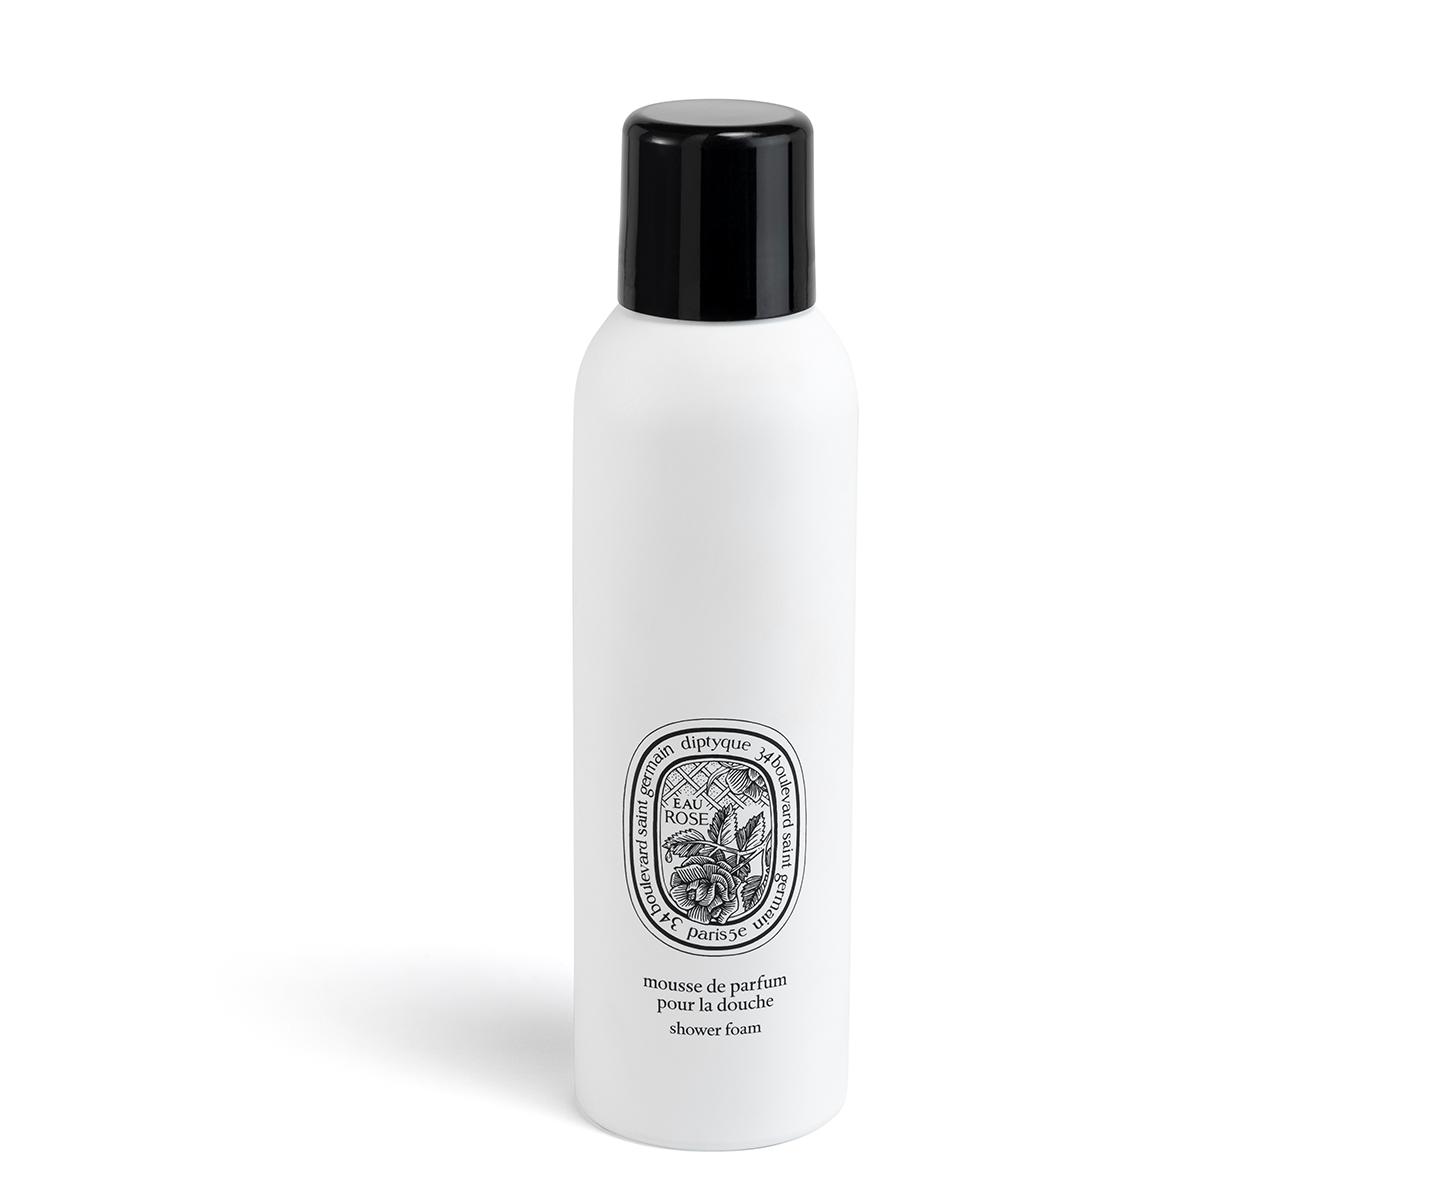 Mousse de parfum pour la douche Eau Rose